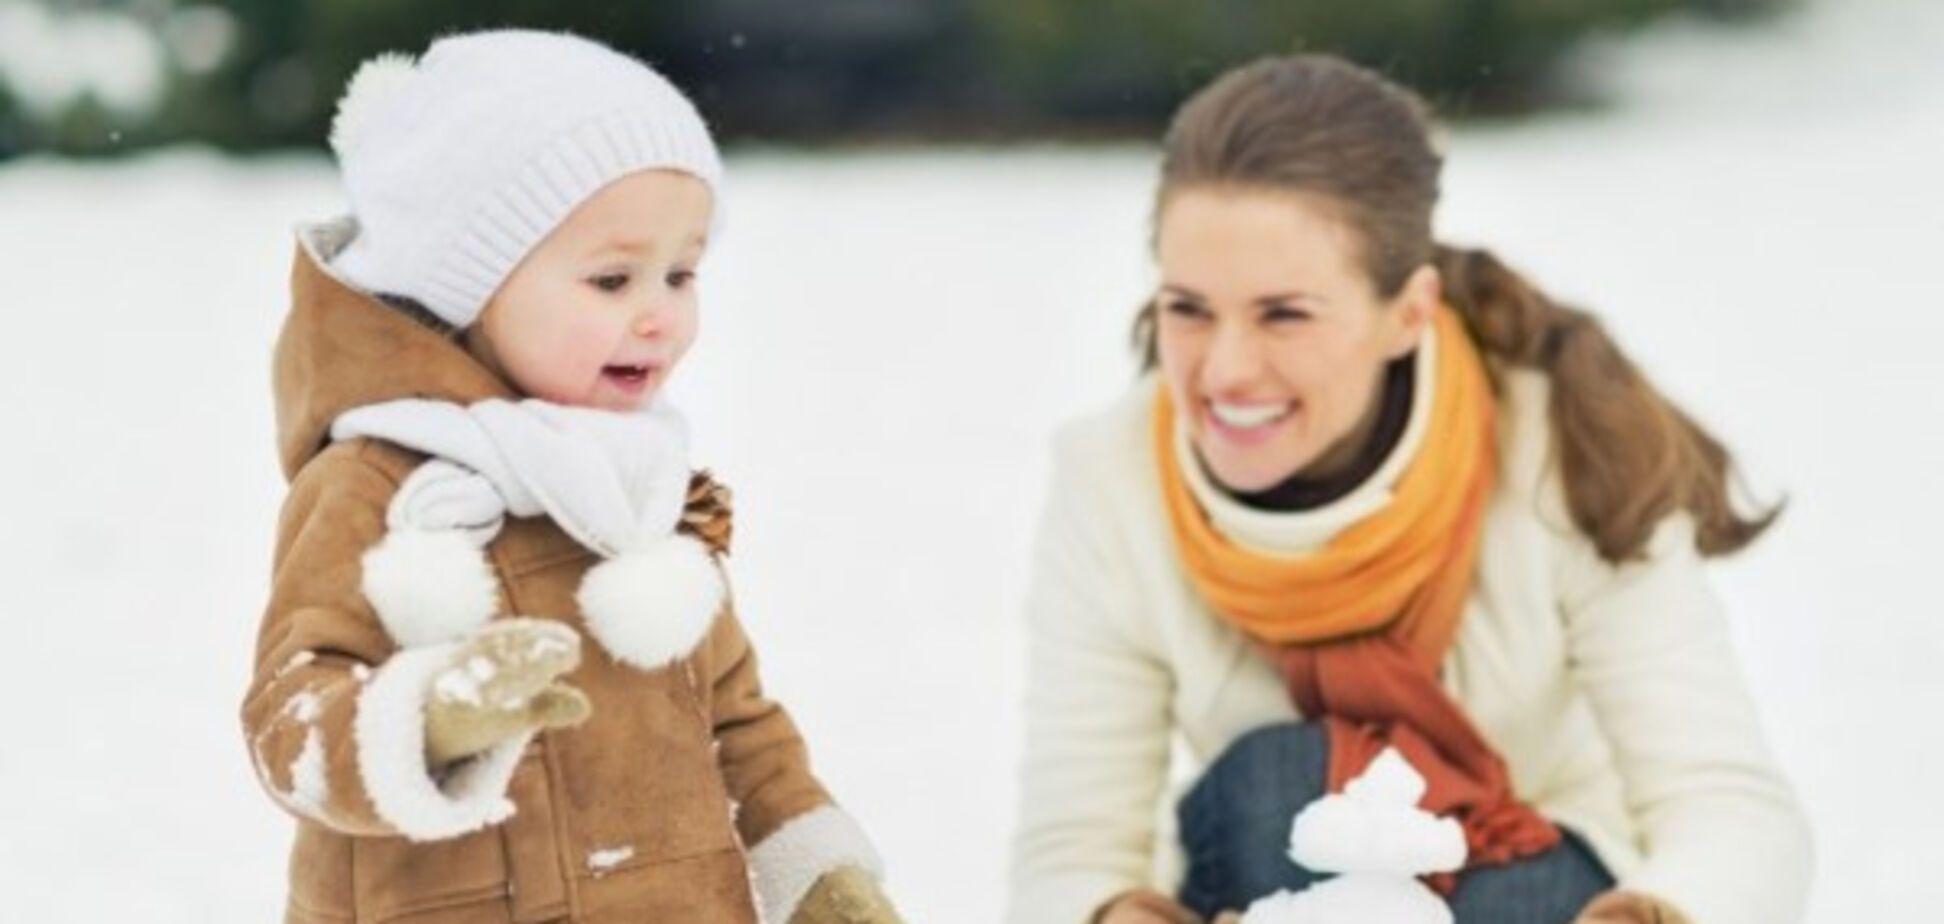 Гулять так гулять: собираемся на зимнюю прогулку с ребенком